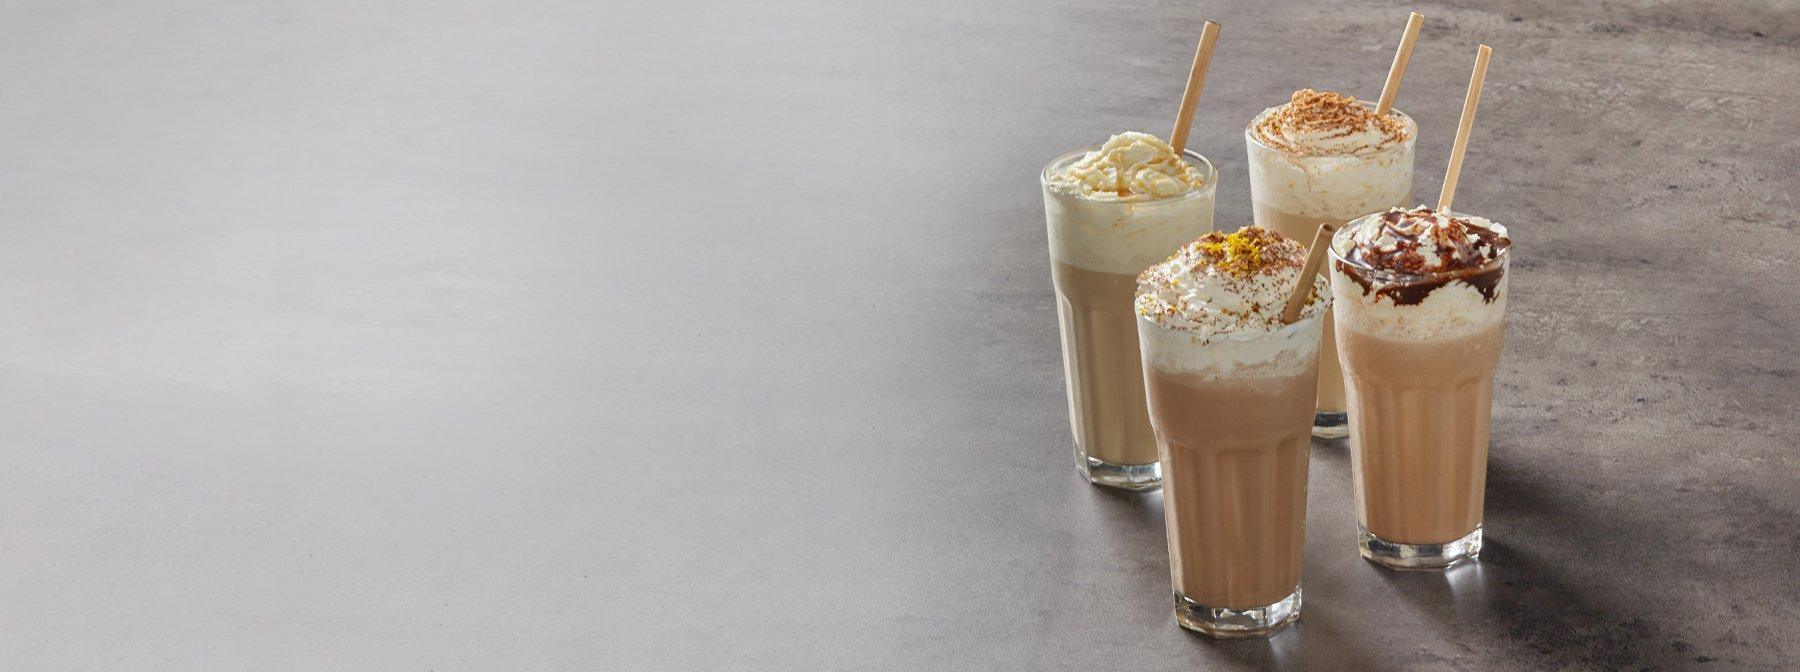 Eiskaffee Protein Shakes | 4 Variationen